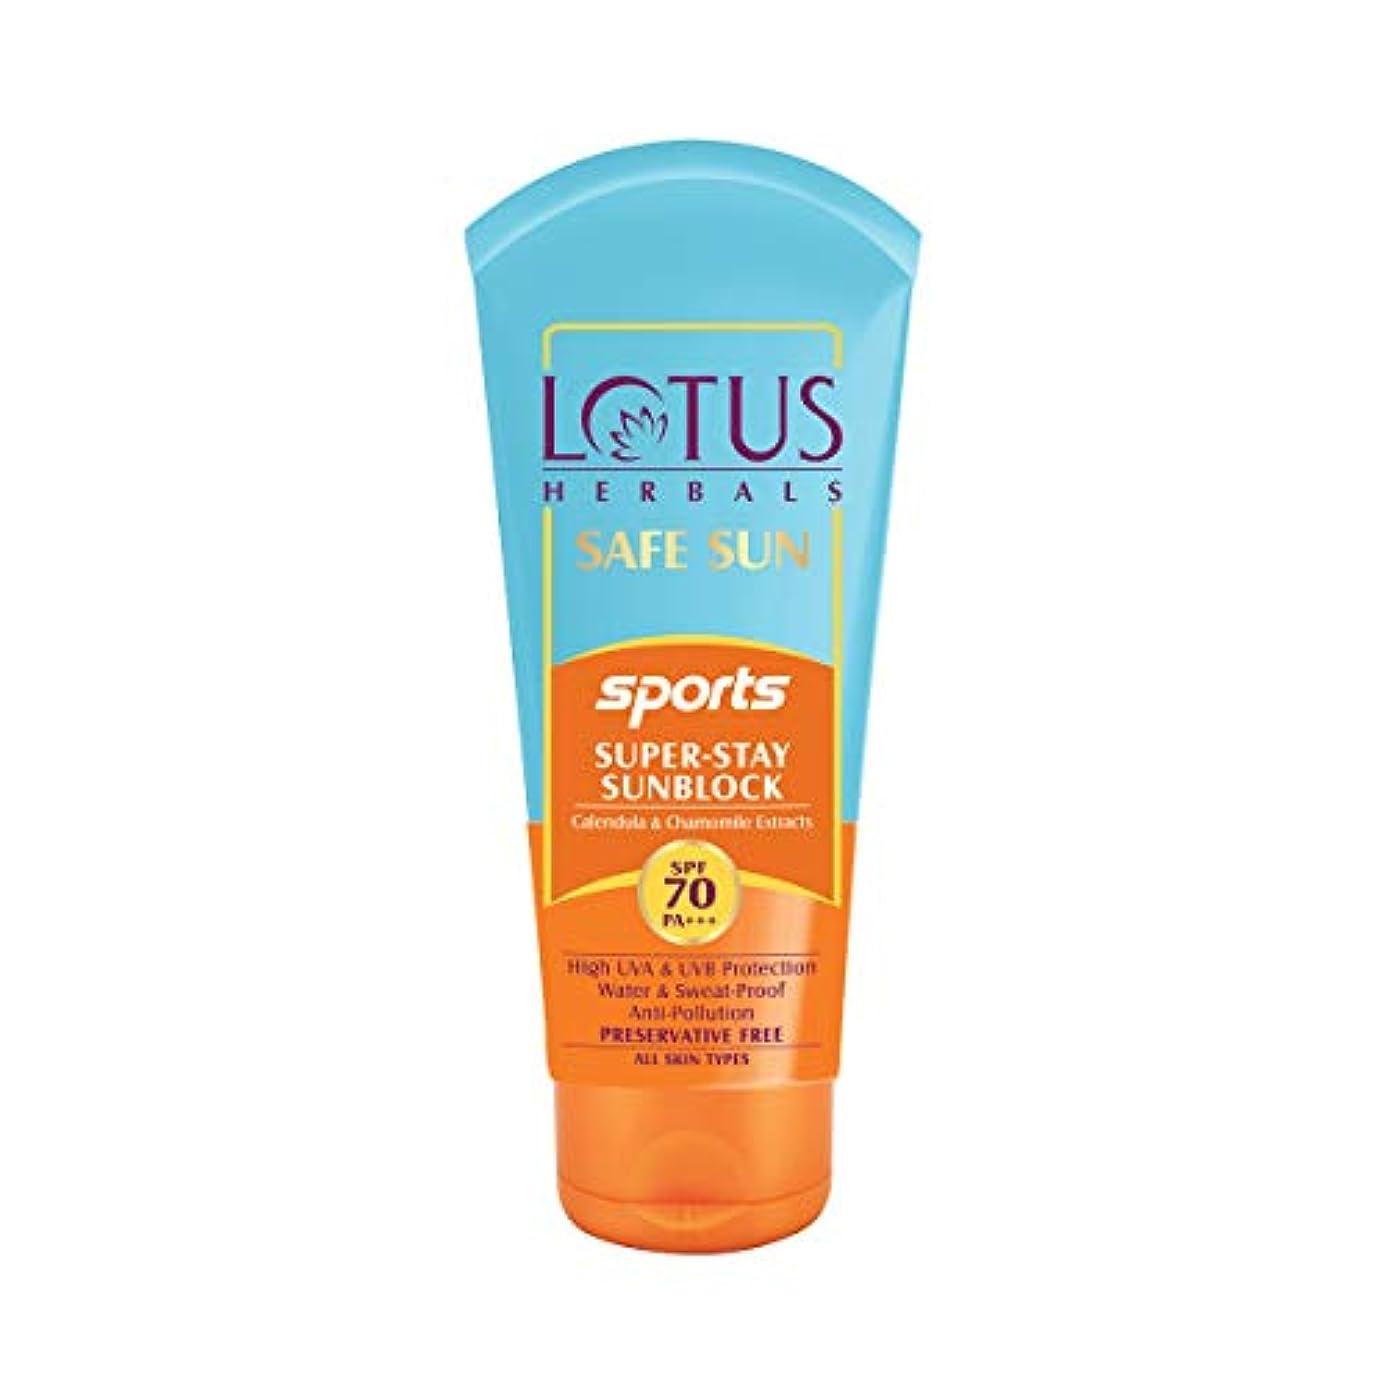 誘惑下向き口述するLotus Herbals Safe Sun Sports Super-Stay Sunblock Spf 70 Pa+++, 80 g (Calendula and chamomile extracts)